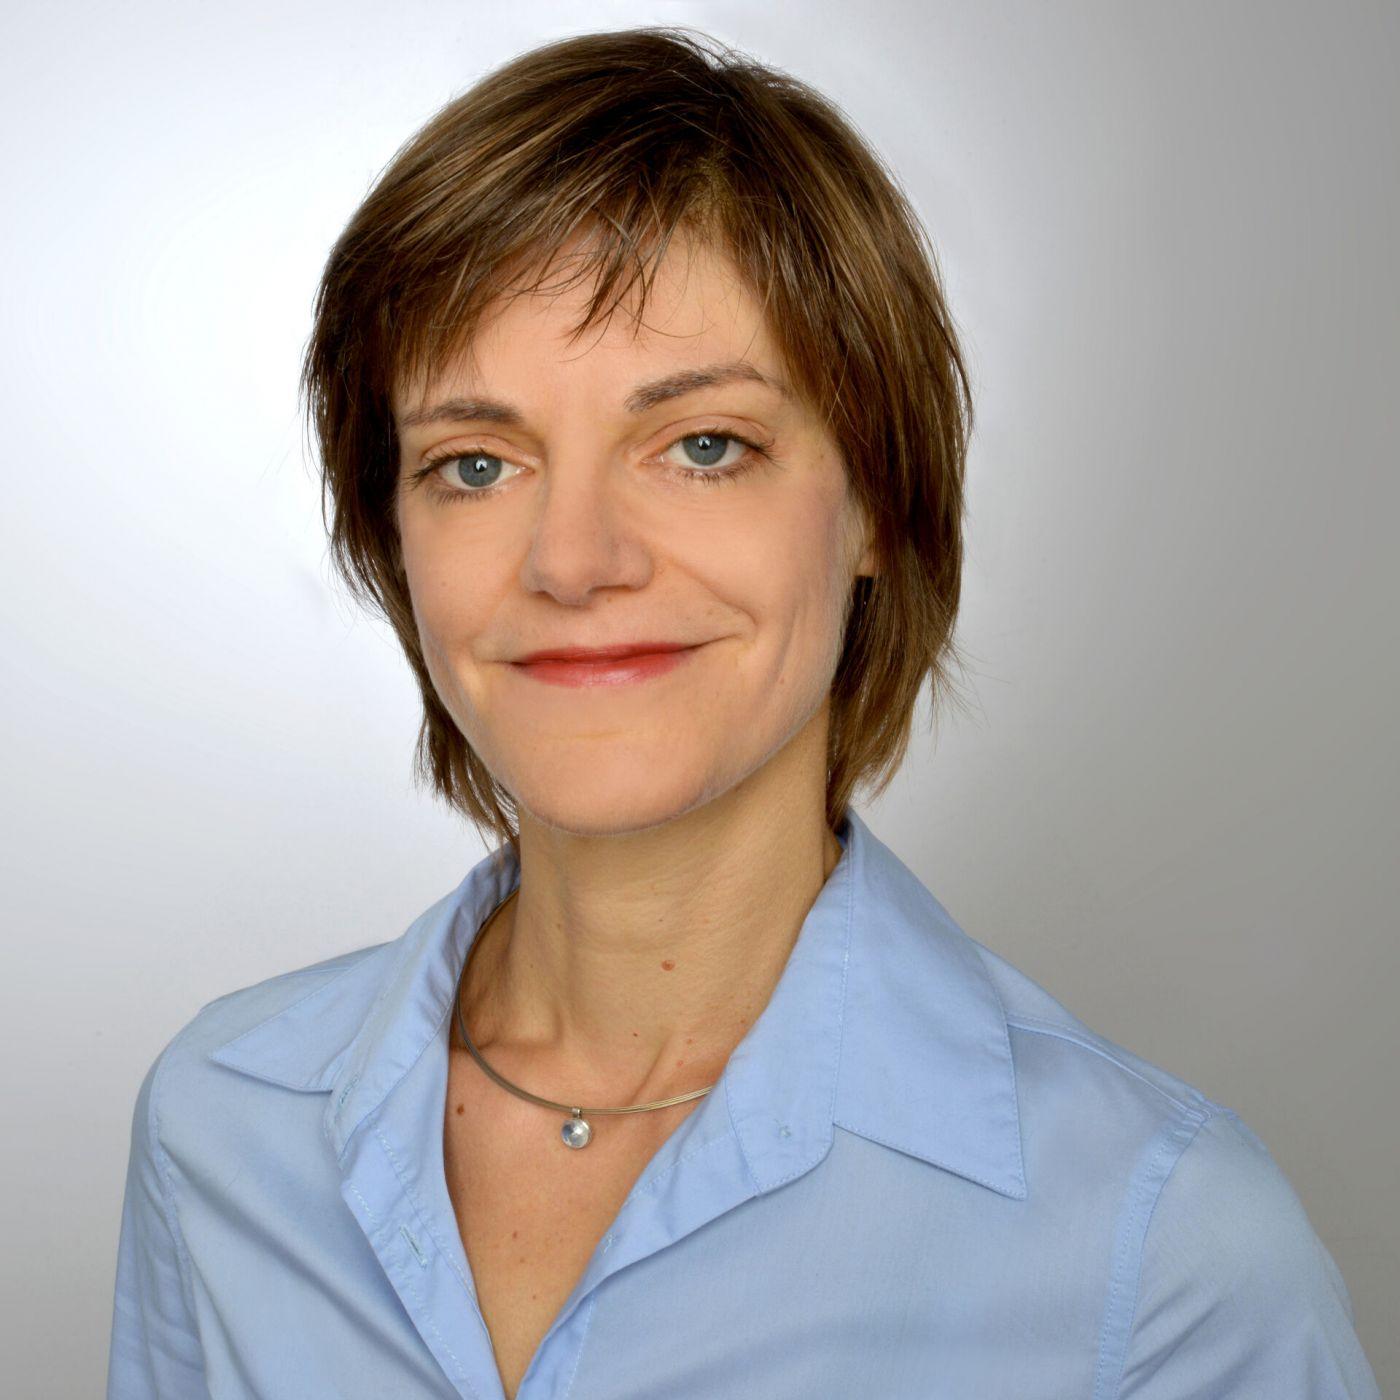 Prof. Dr. Ruth Linssen hat das Videospiel zusammen mit der Hochschule Hannnover erarbeitet.  (Foto: privat)